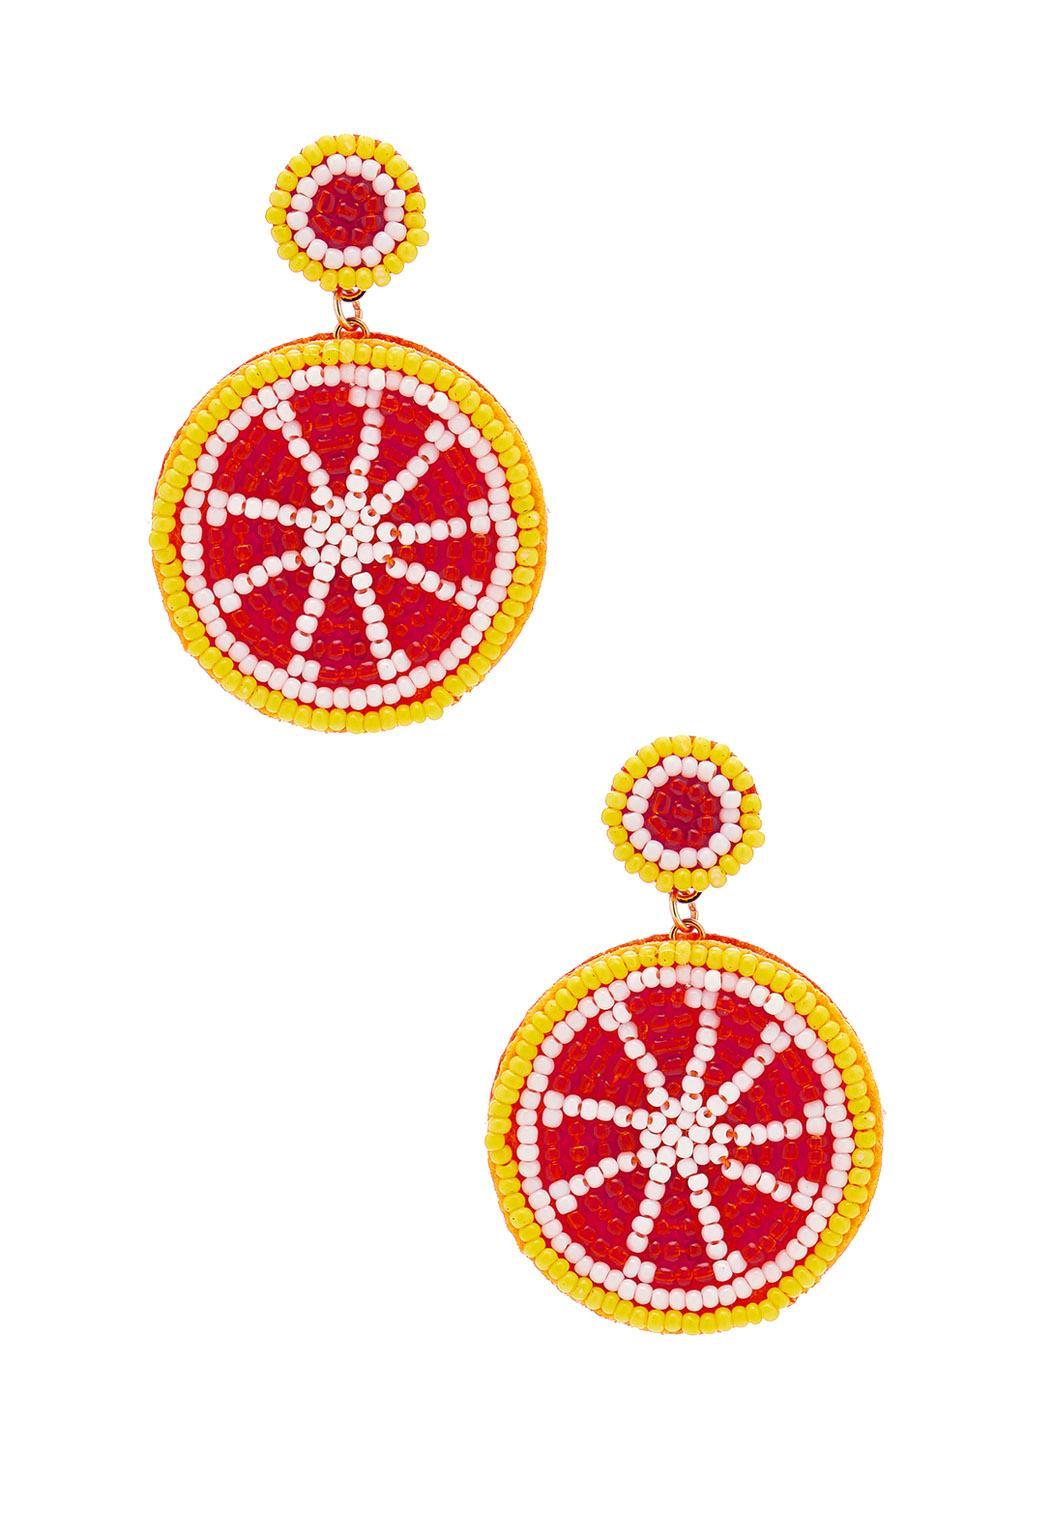 Grapefruit Seed Bead Earrings